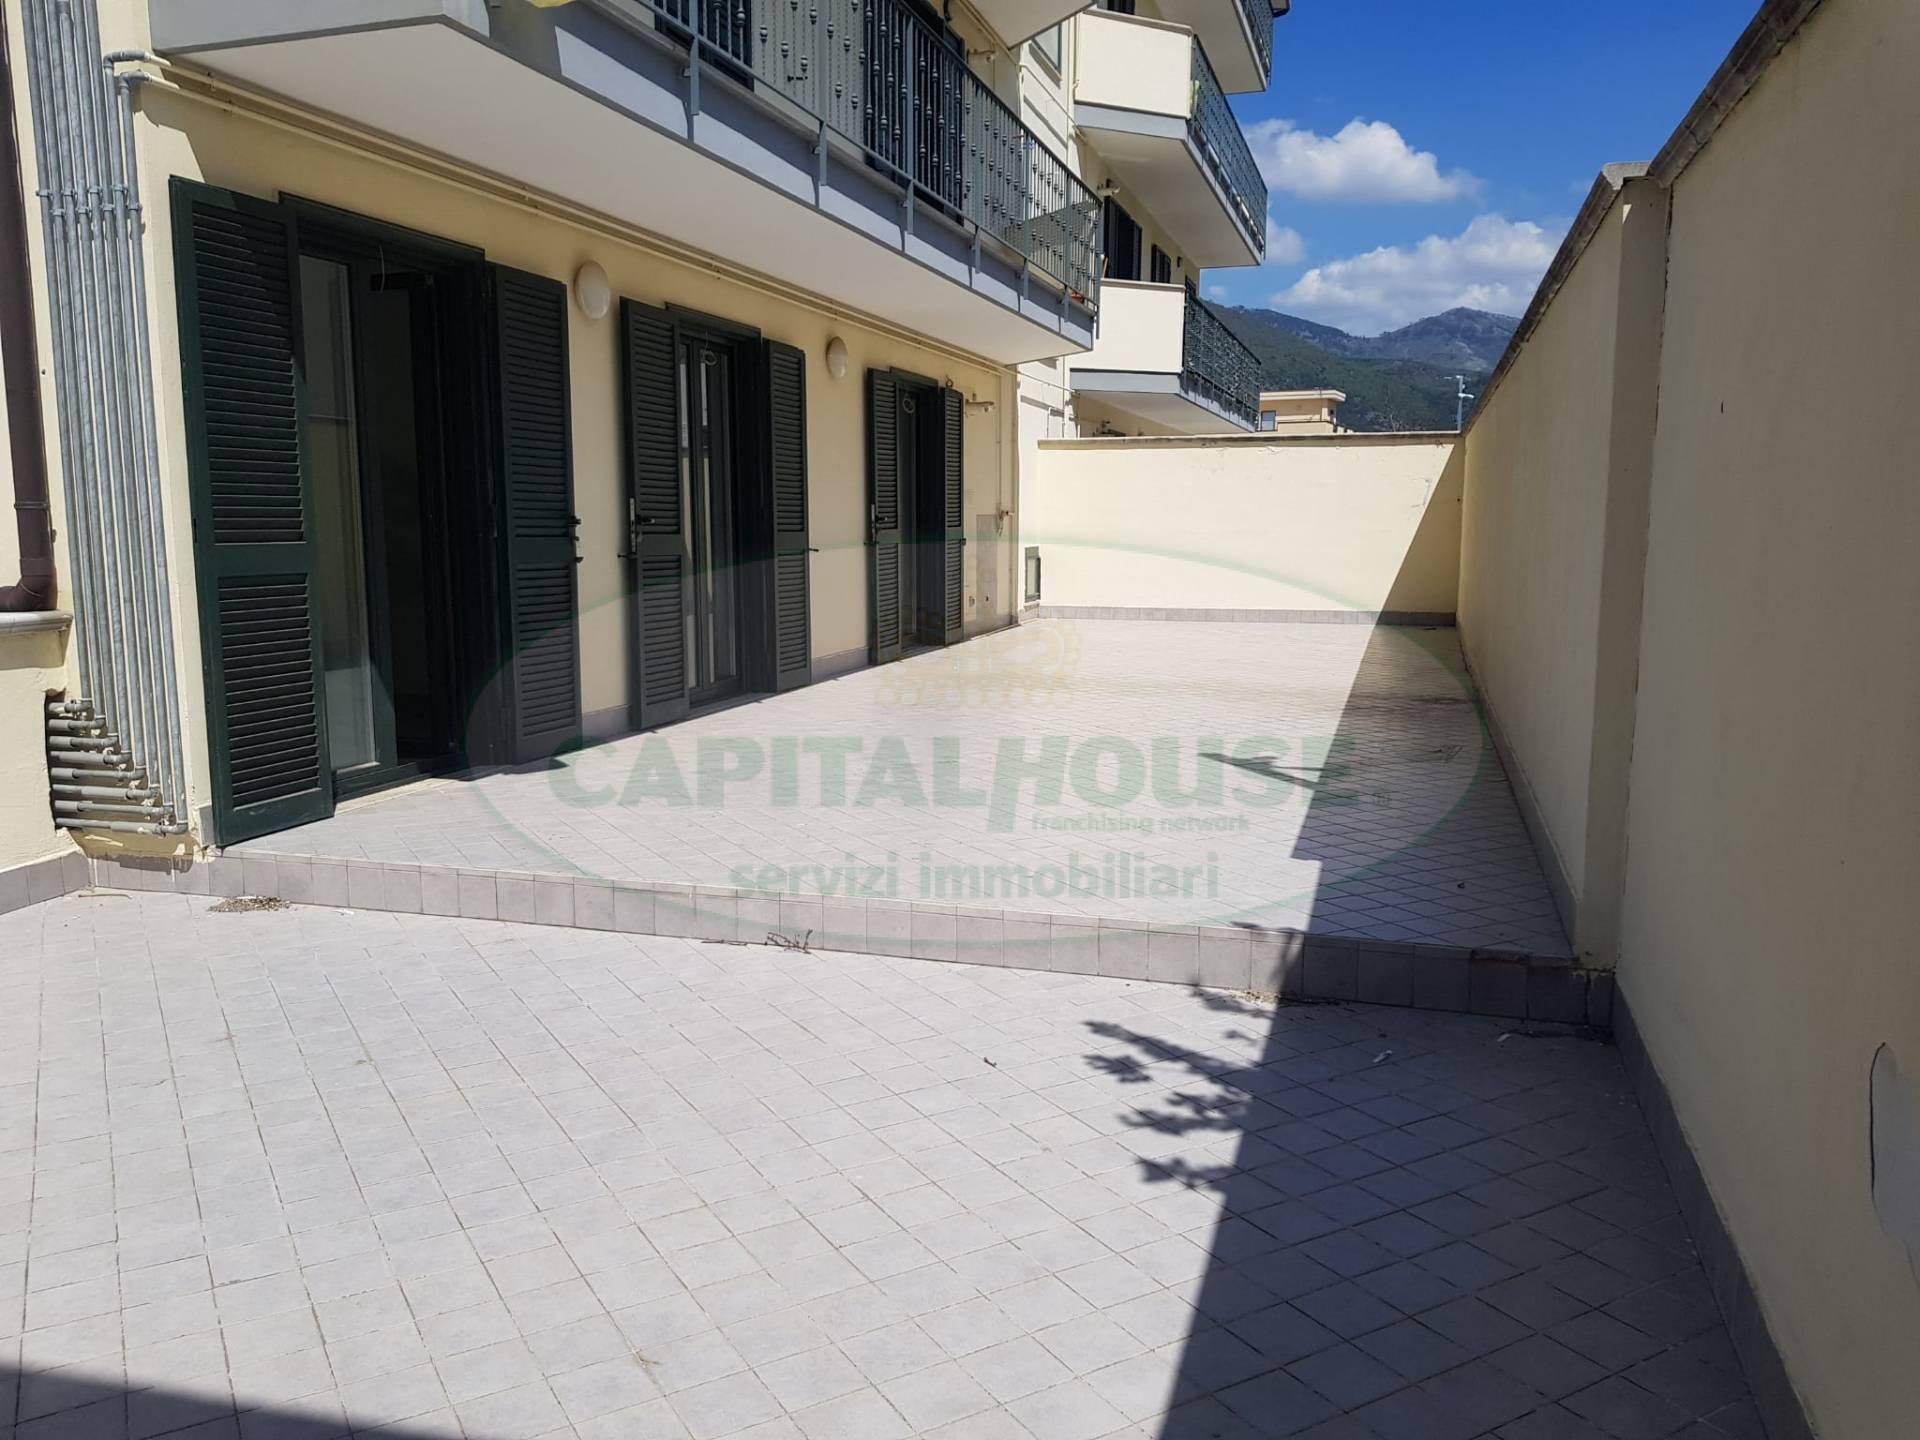 Appartamento in vendita a Cicciano, 4 locali, prezzo € 175.000 | CambioCasa.it